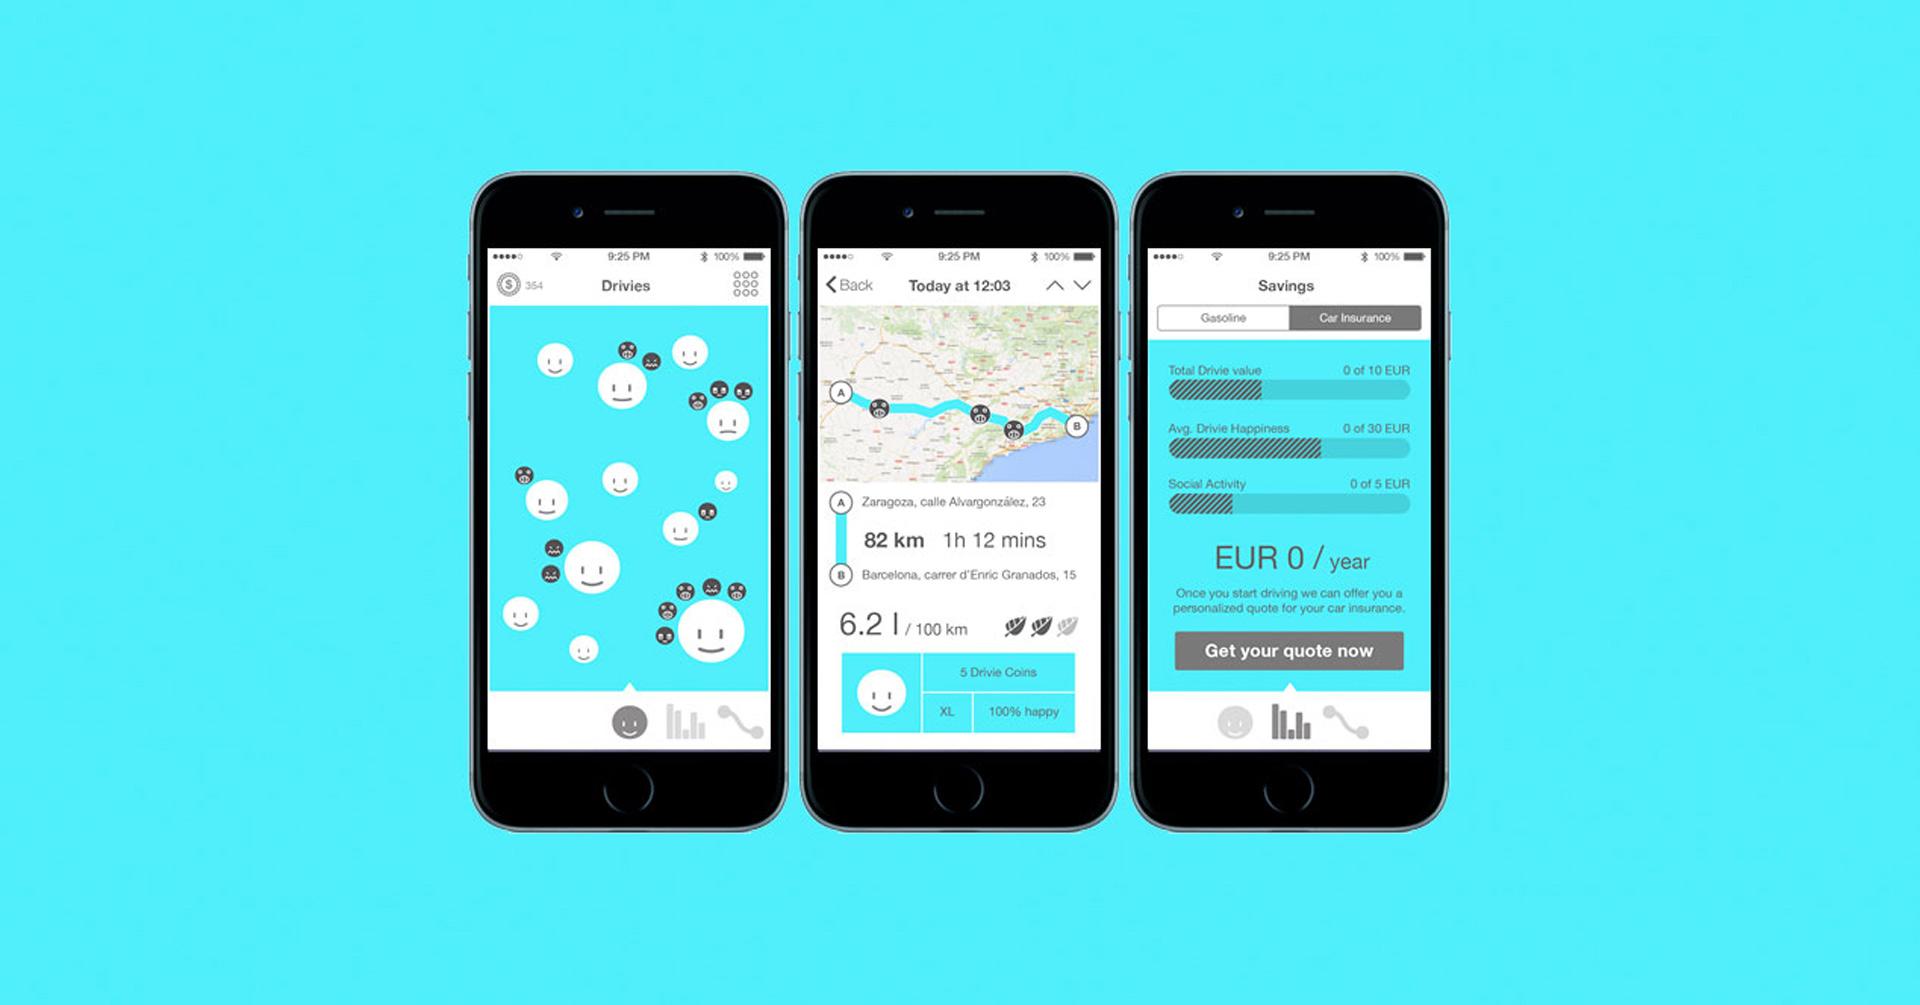 Lanzan una aplicación móvil llamada Drivies, que analiza de forma detallada cómo conducimos para evitar equivocaciones